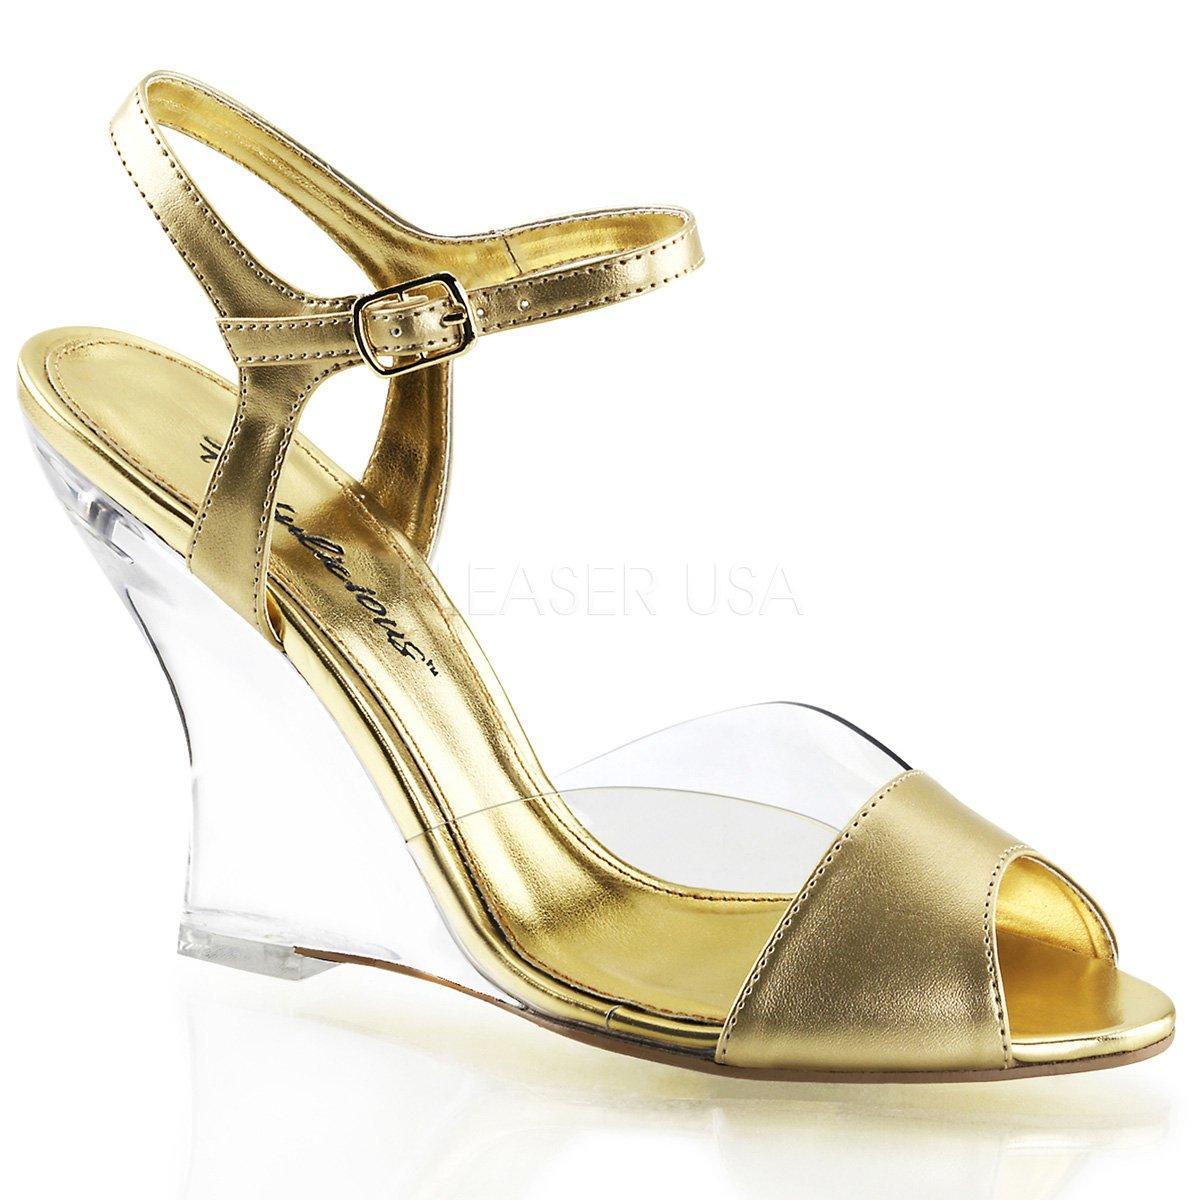 c8cc3a6a791d LOVELY-442 Zlaté dámské plesové sandálky na klínku